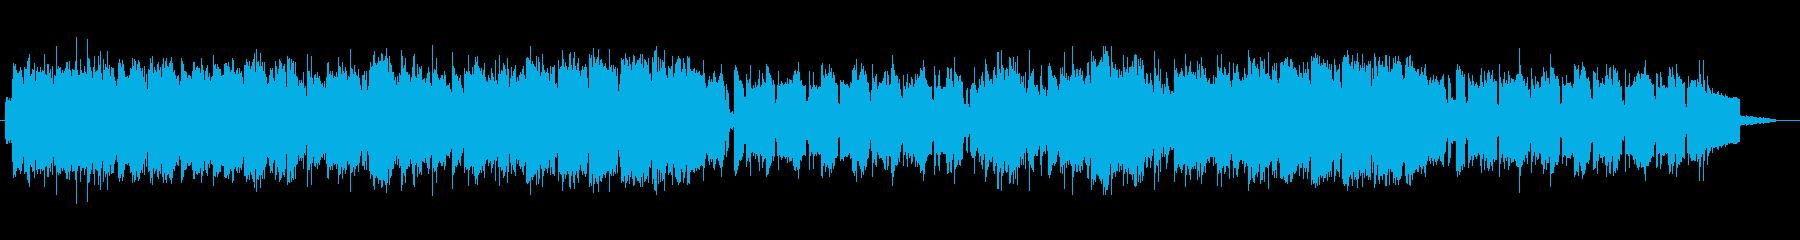 神秘的なピアノシンセの再生済みの波形